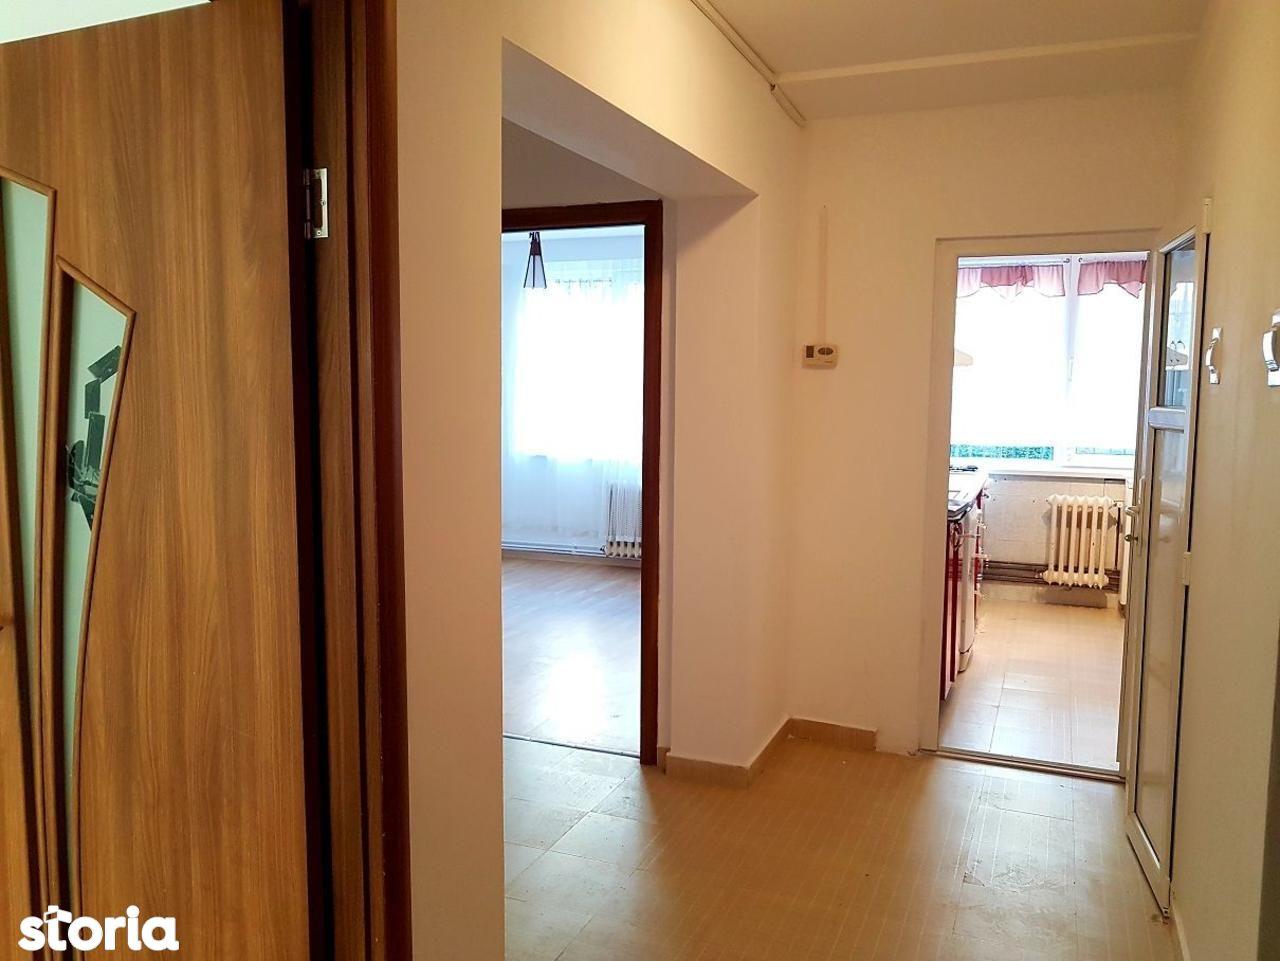 Apartament de vanzare, Cluj (judet), Bulevardul 1 Decembrie 1918 - Foto 5